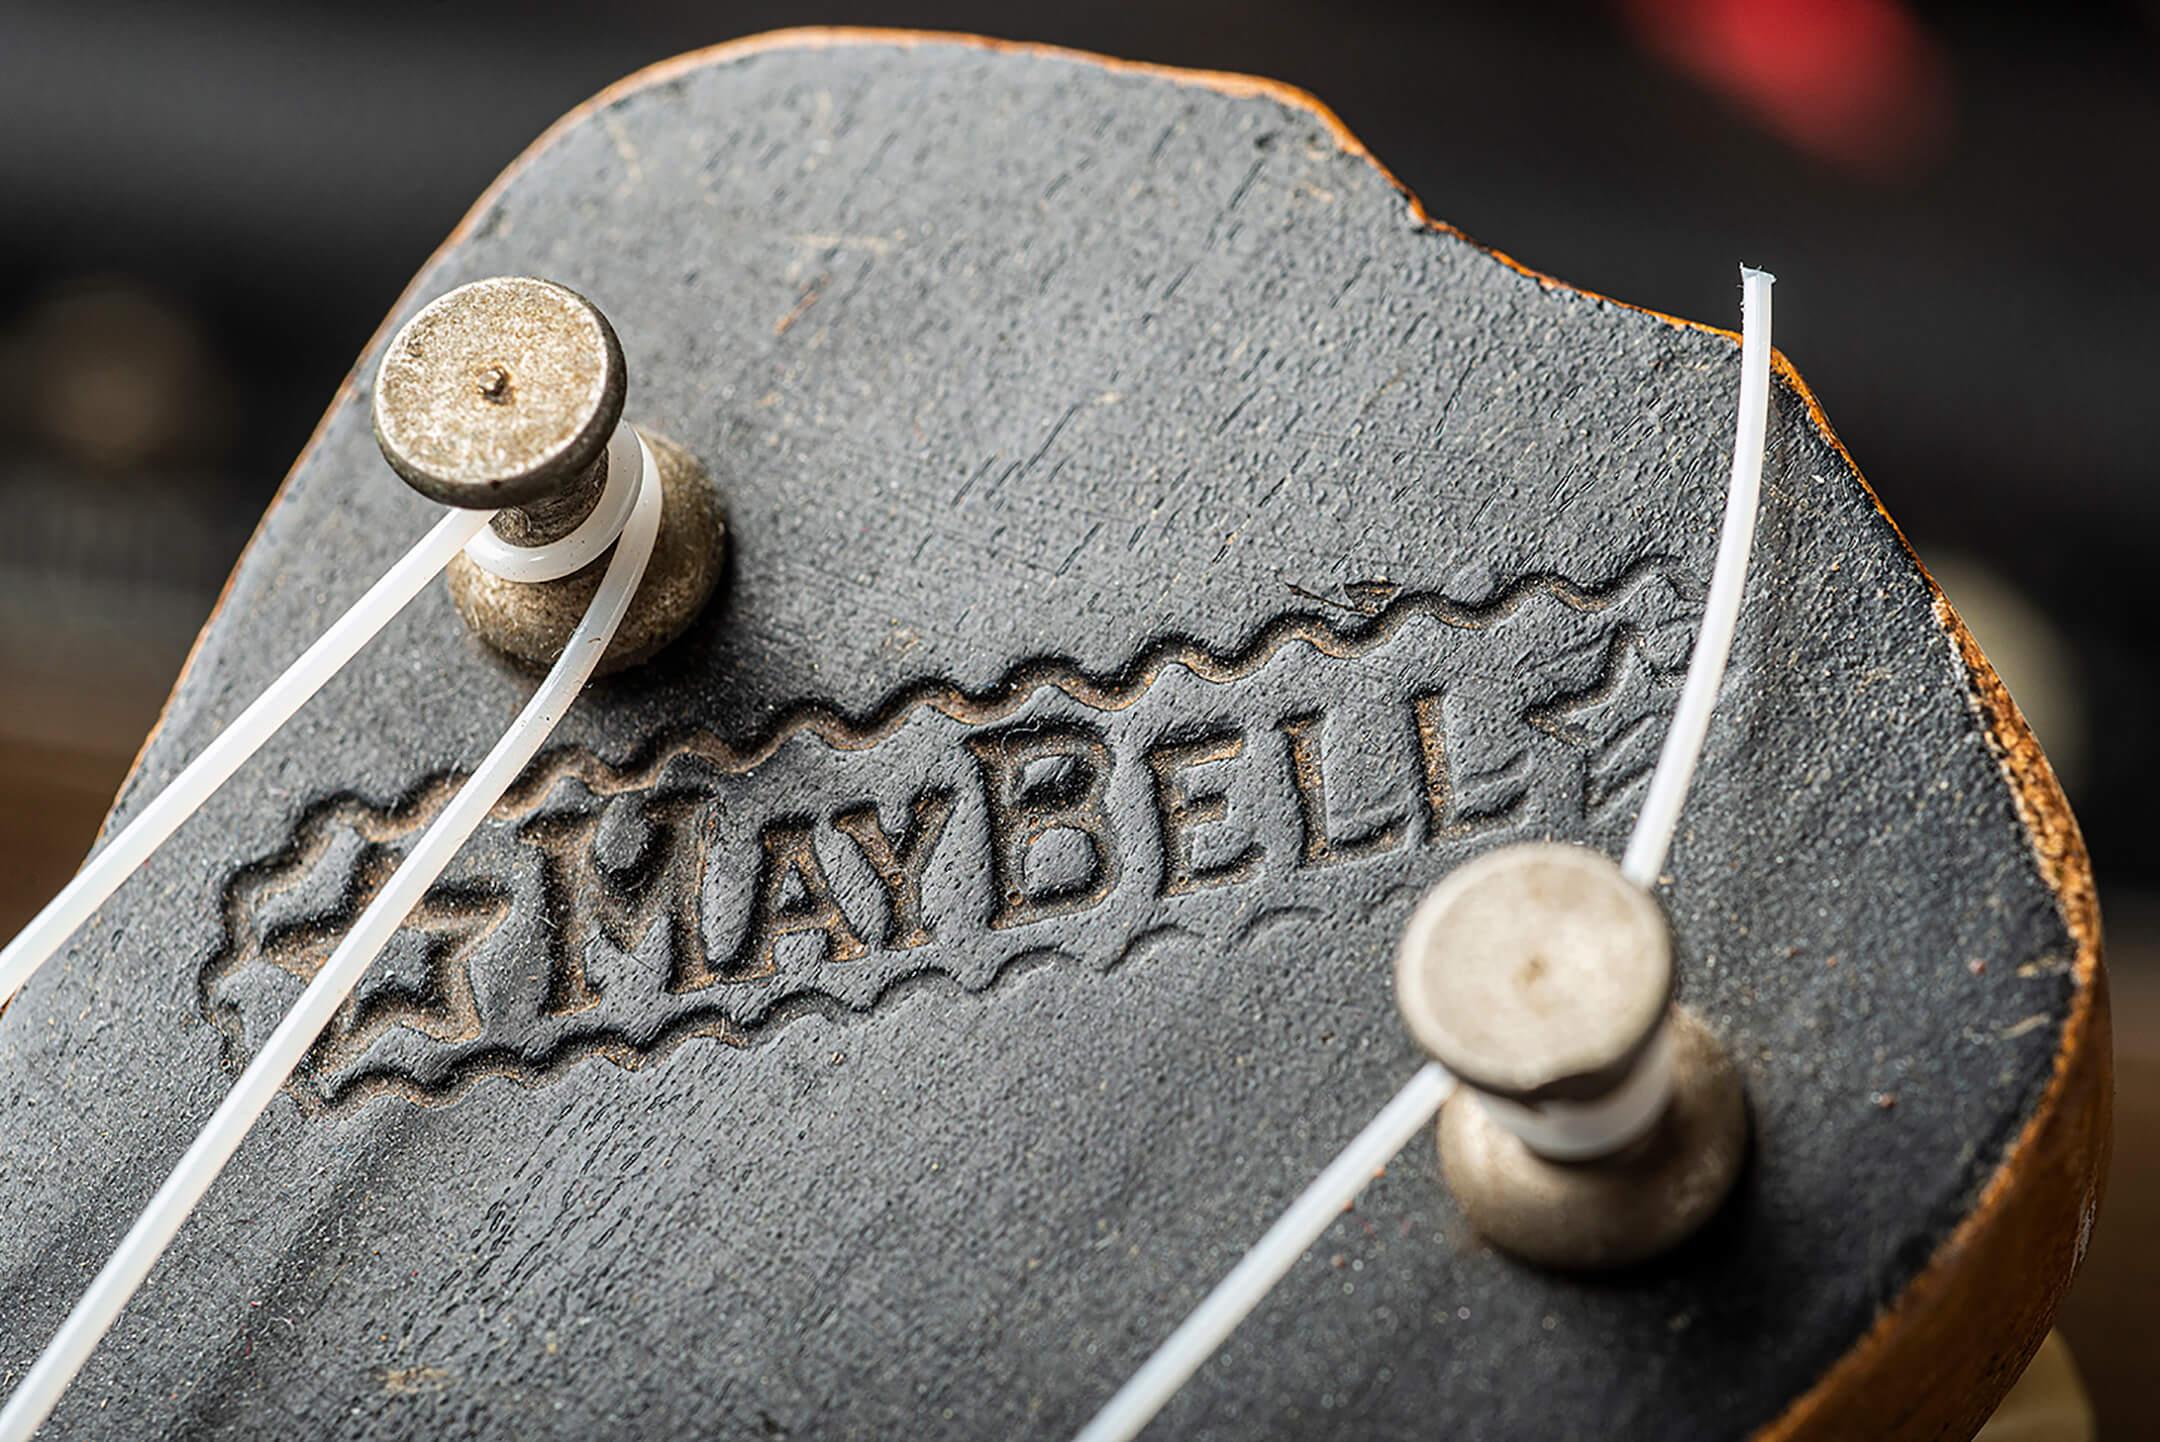 Maybell Banjolele